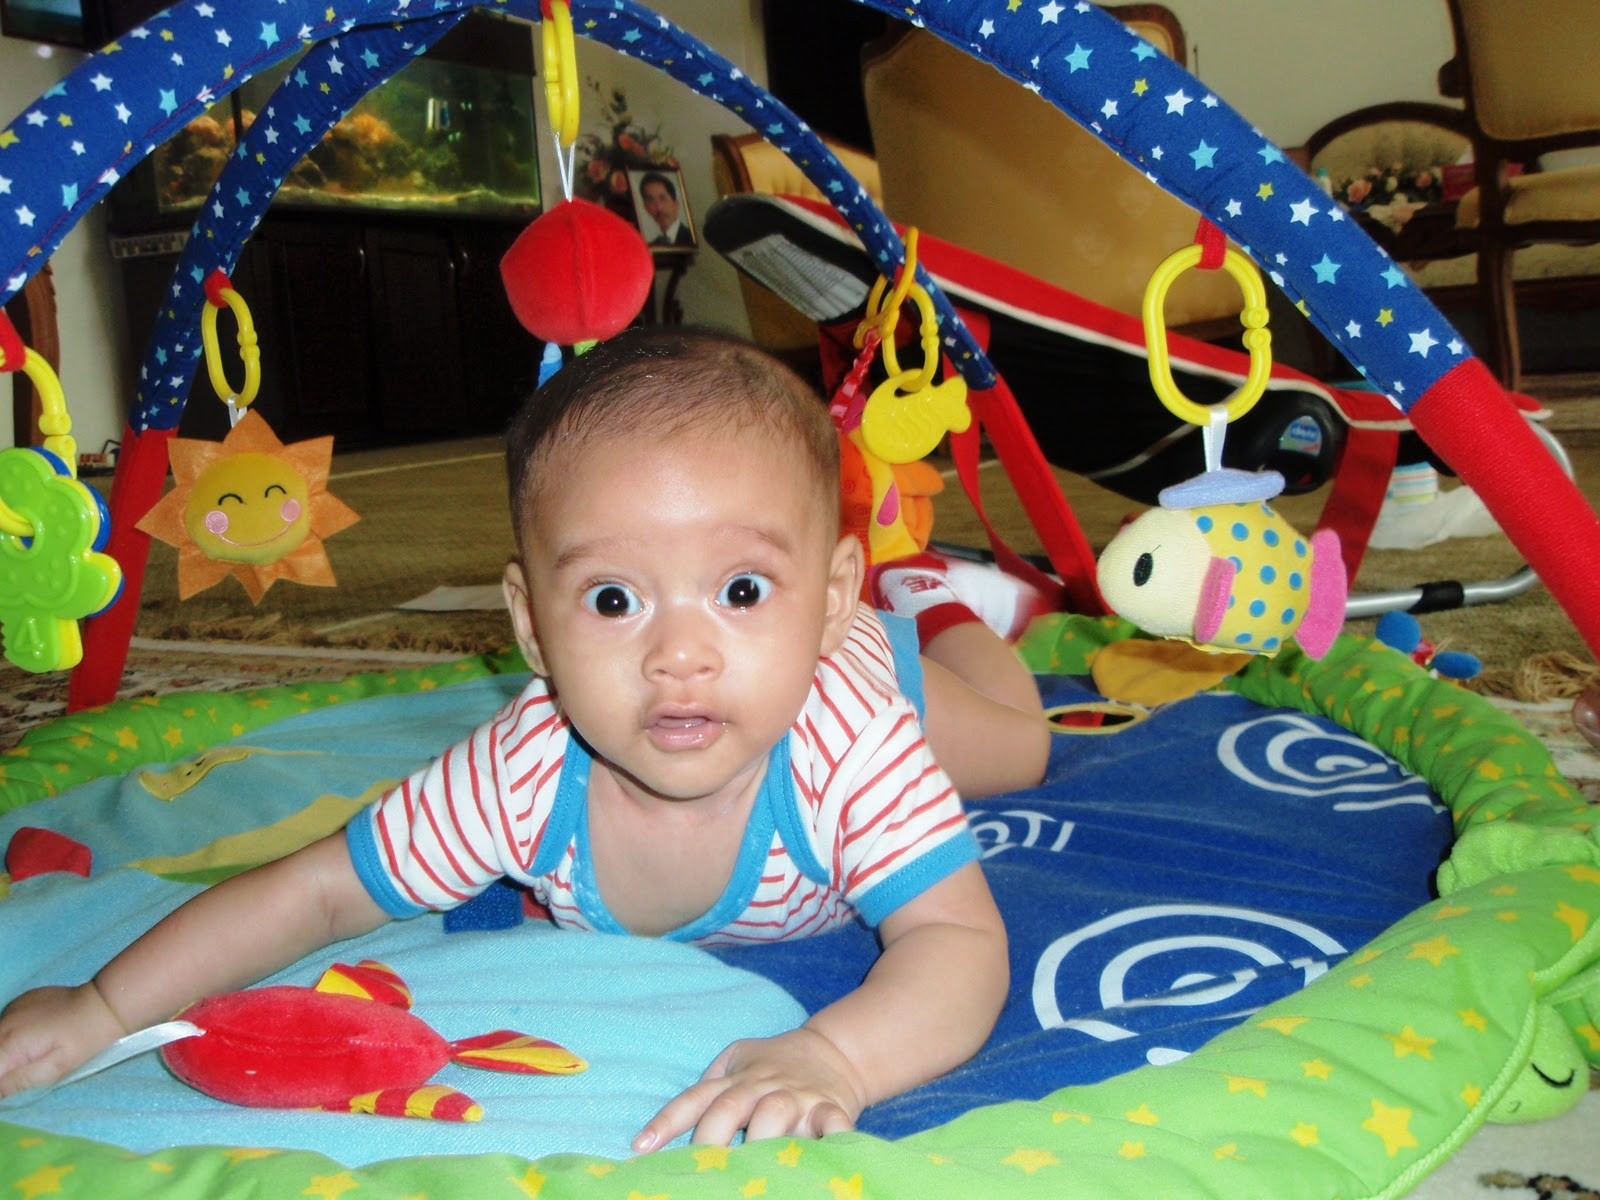 Jouet D Éveil Bébé 4 Mois - L'univers Du Bébé à Jeux Eveil Bebe 2 Mois